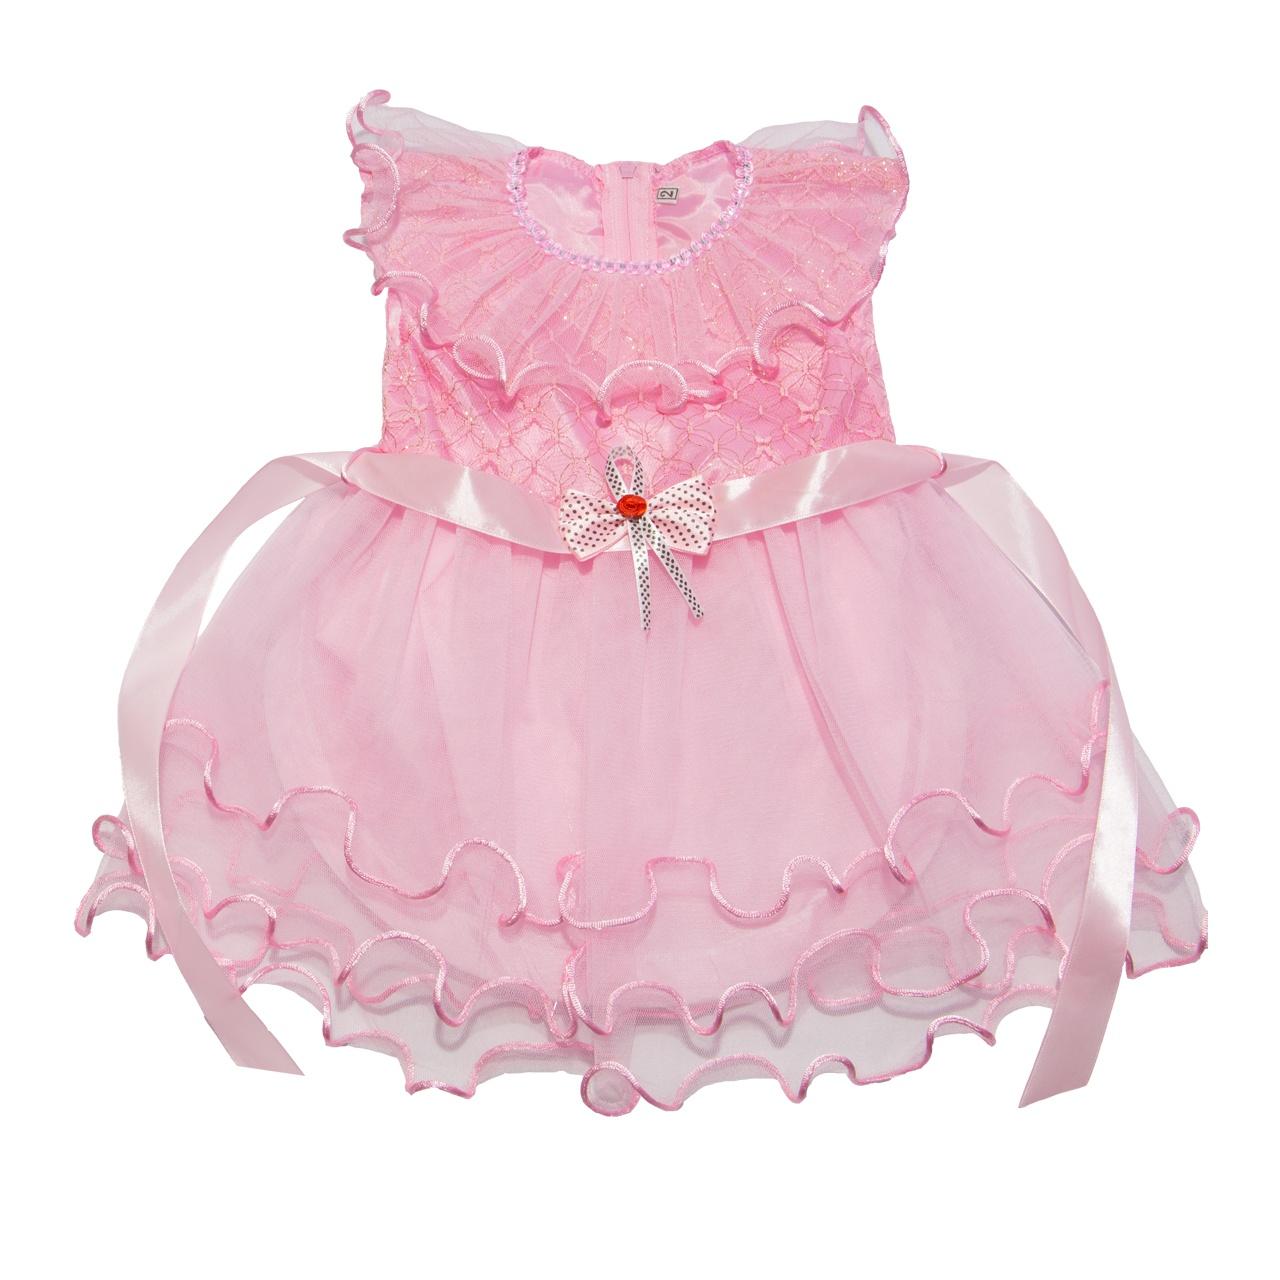 لباس مجلسی دخترانه مهبان طرح عروس-02